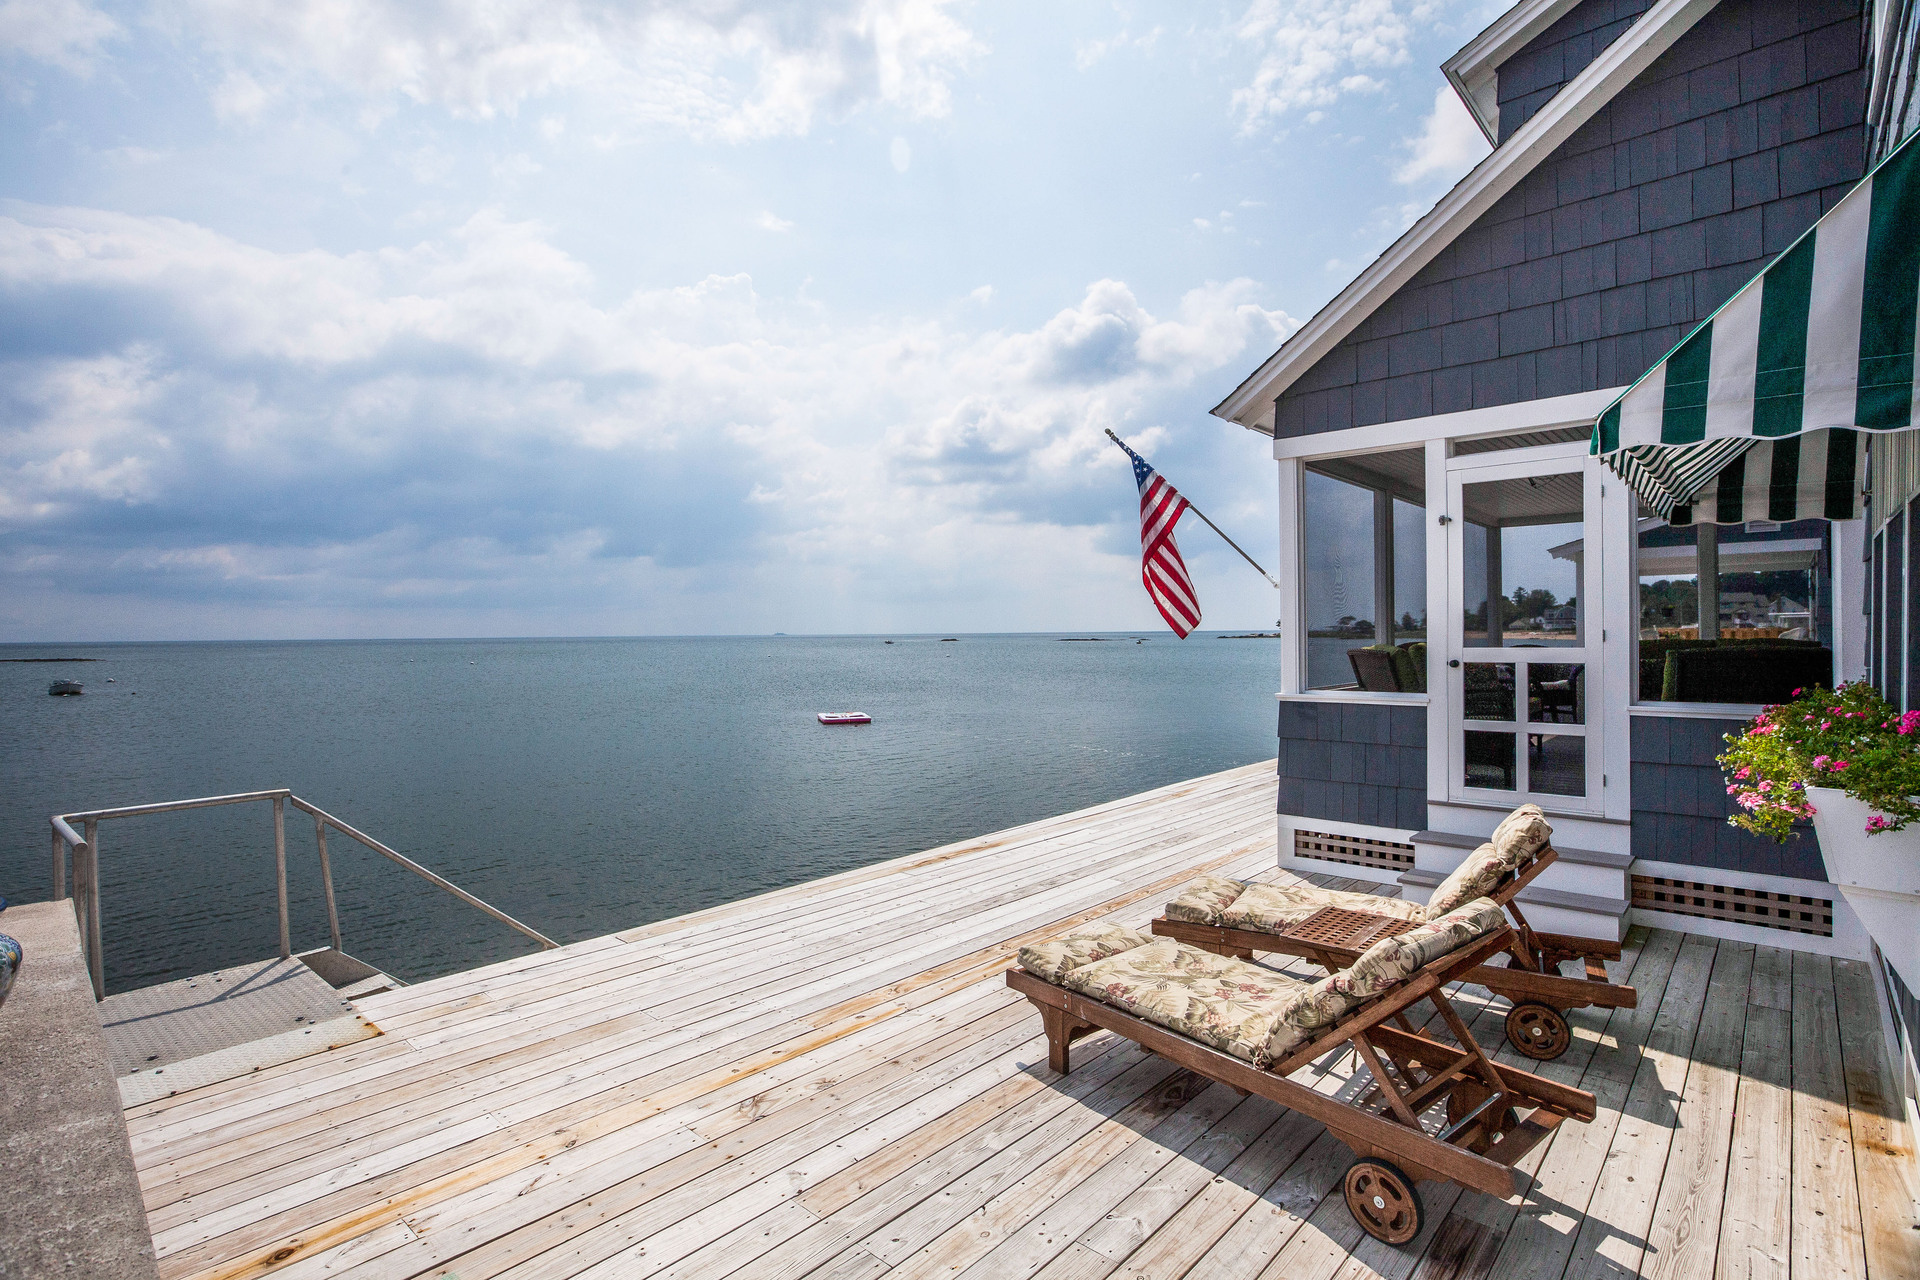 Casa Unifamiliar por un Venta en Seasonal Waterfront 146 Harbor Ave Madison, Connecticut 06443 Estados Unidos